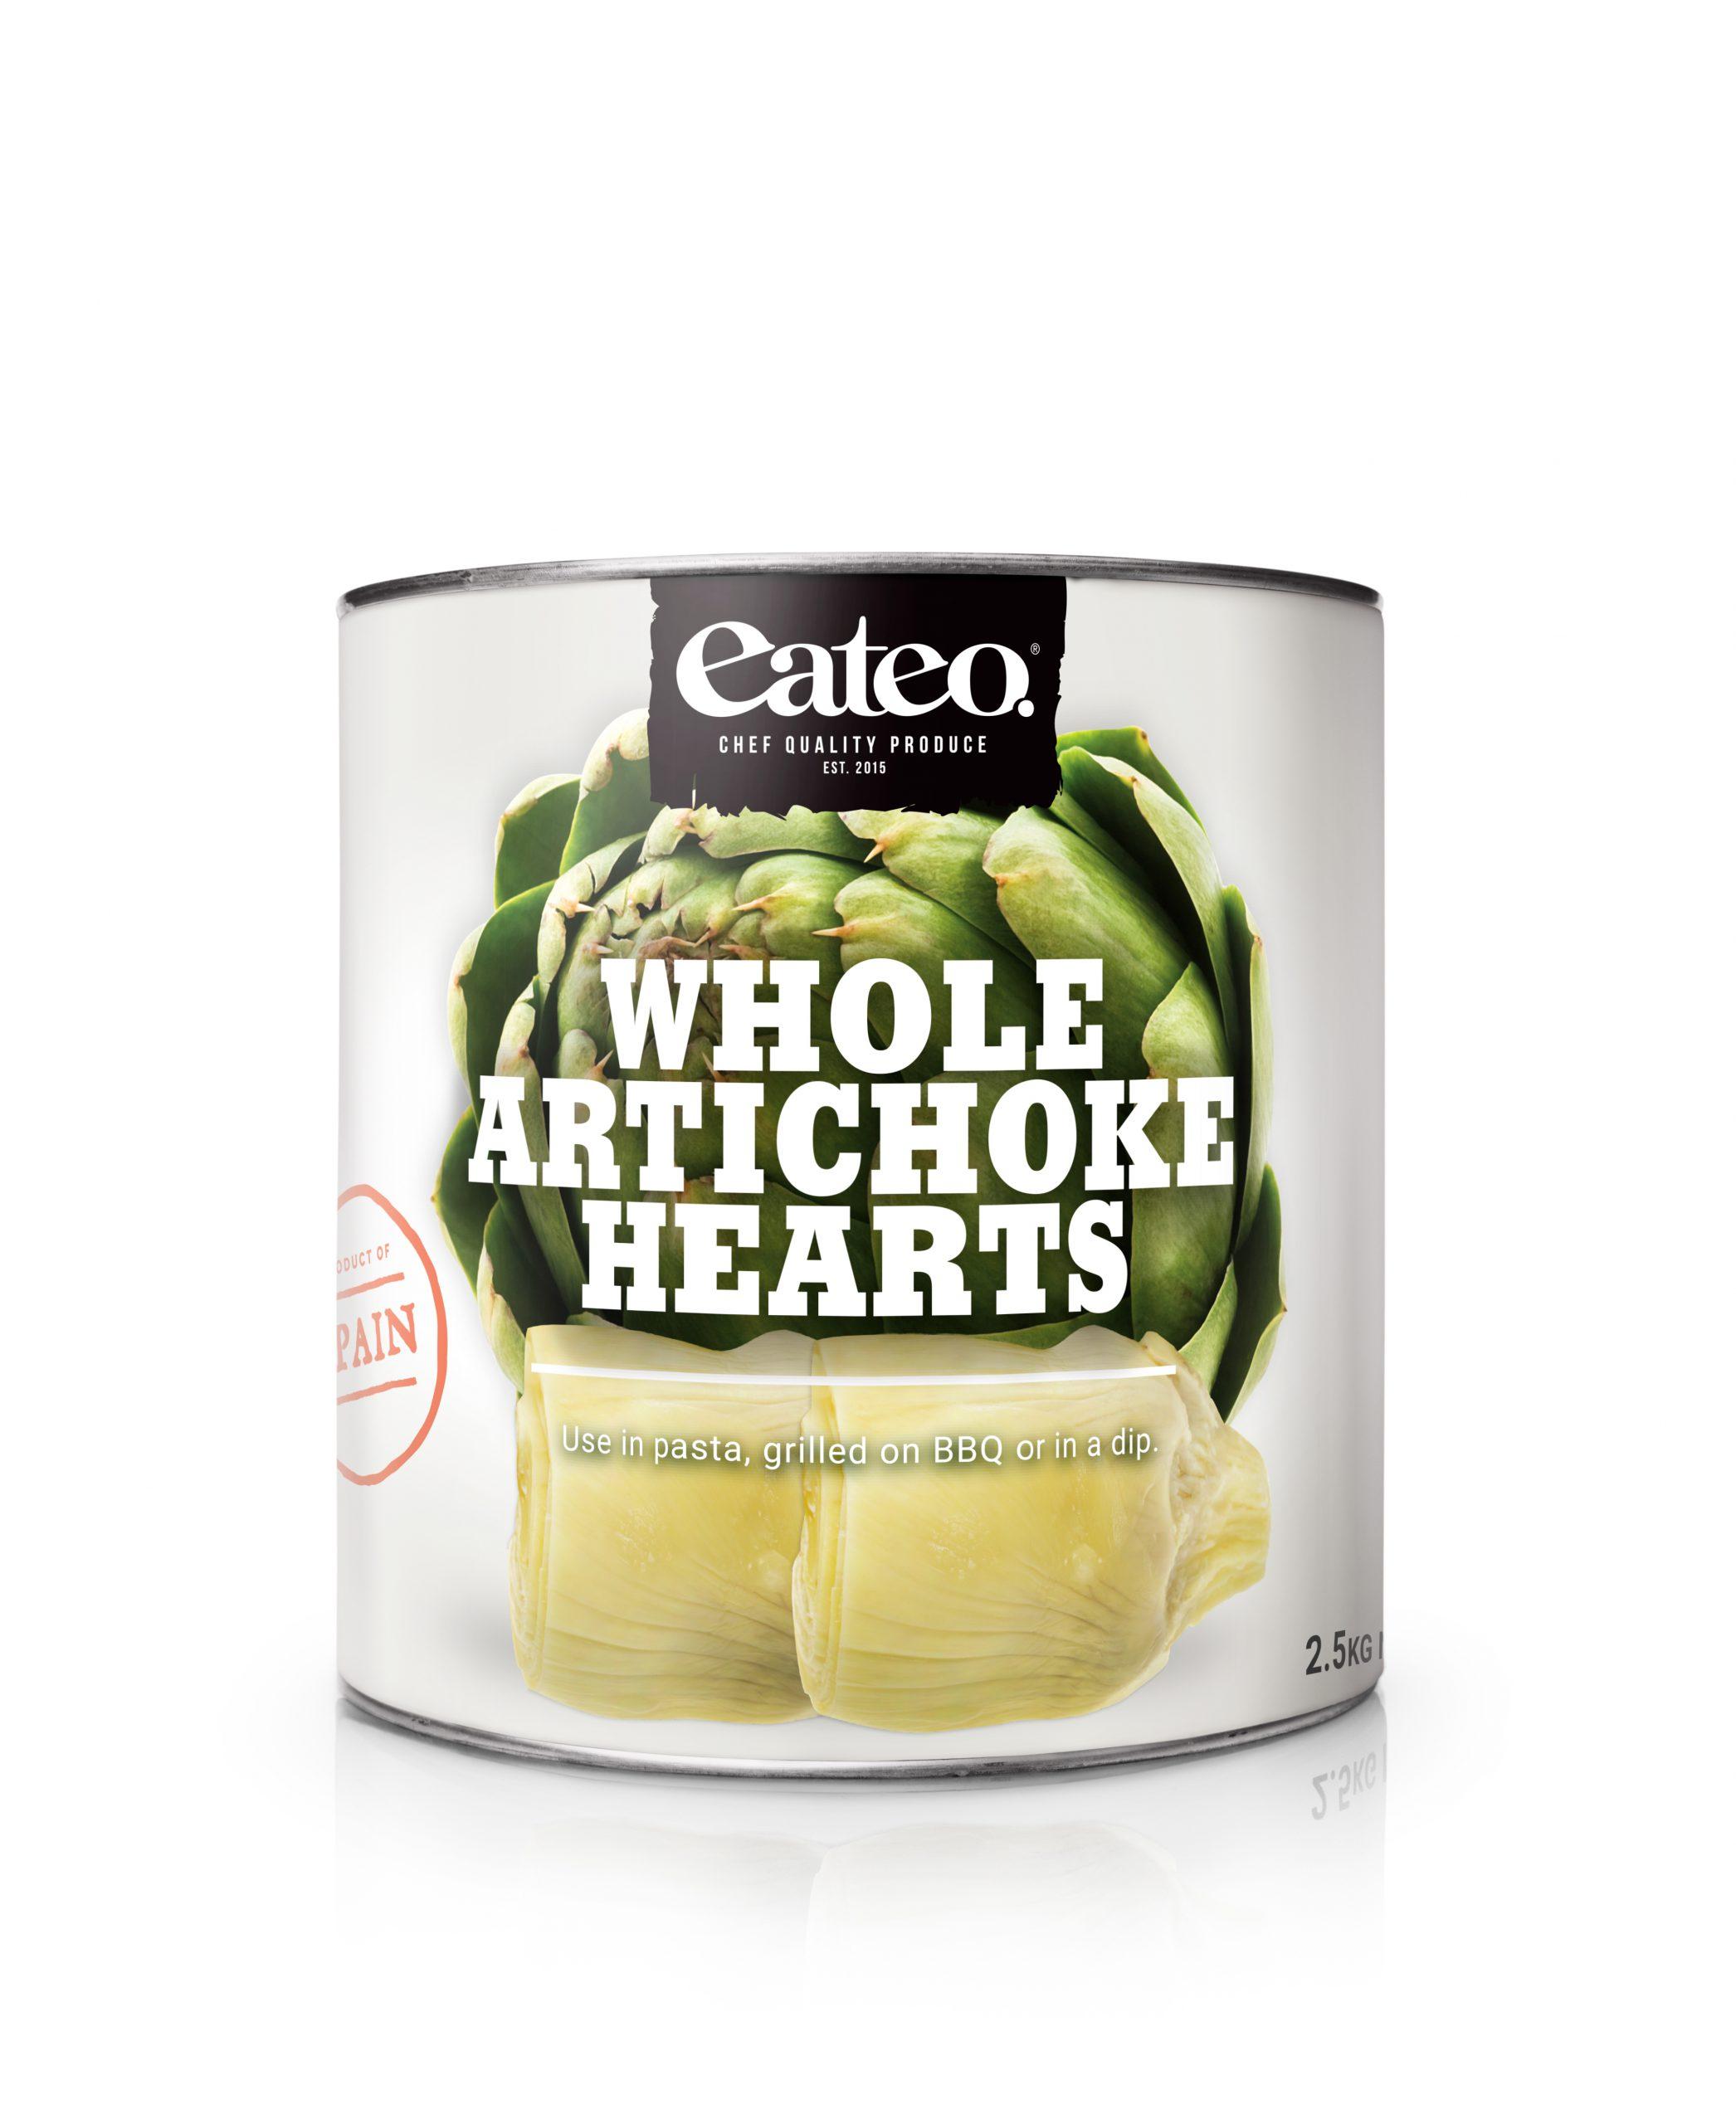 Whole Artichoke Hearts